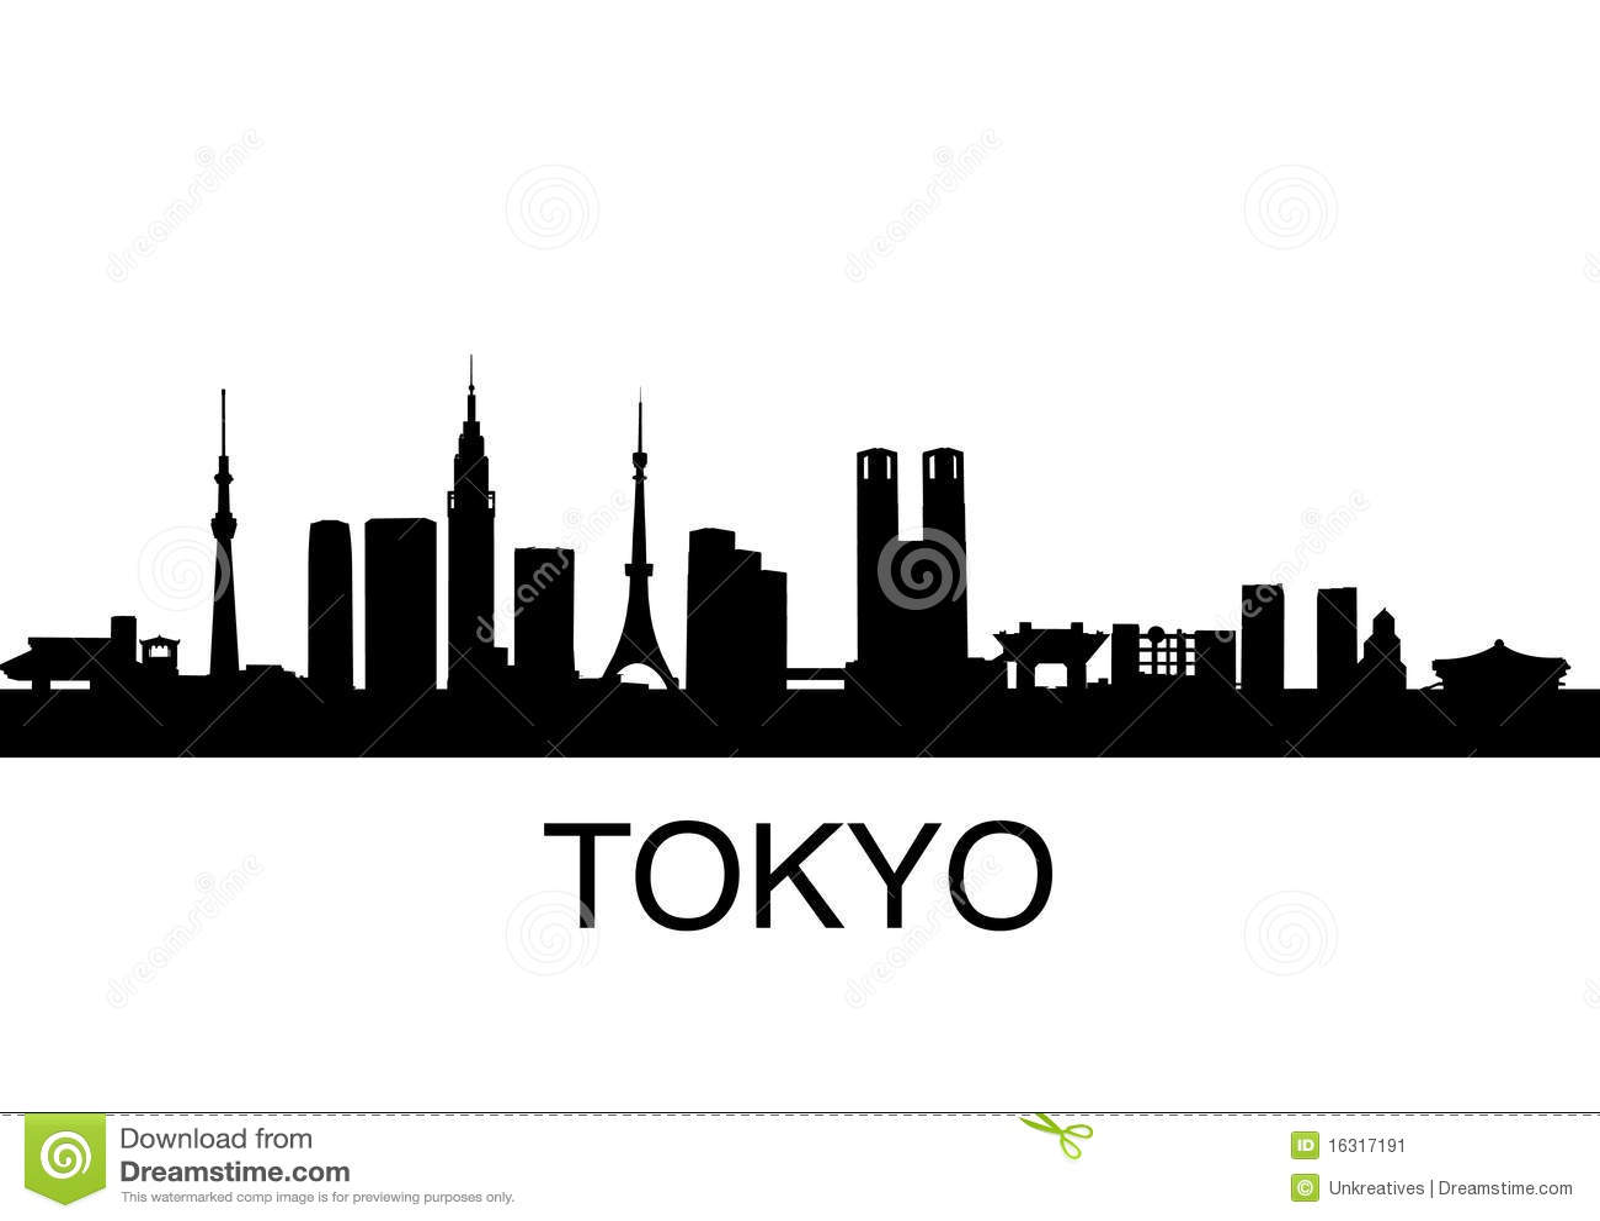 tokyo skyline stock image image 16317191 skyscraper clipart free skyscraper clipart border